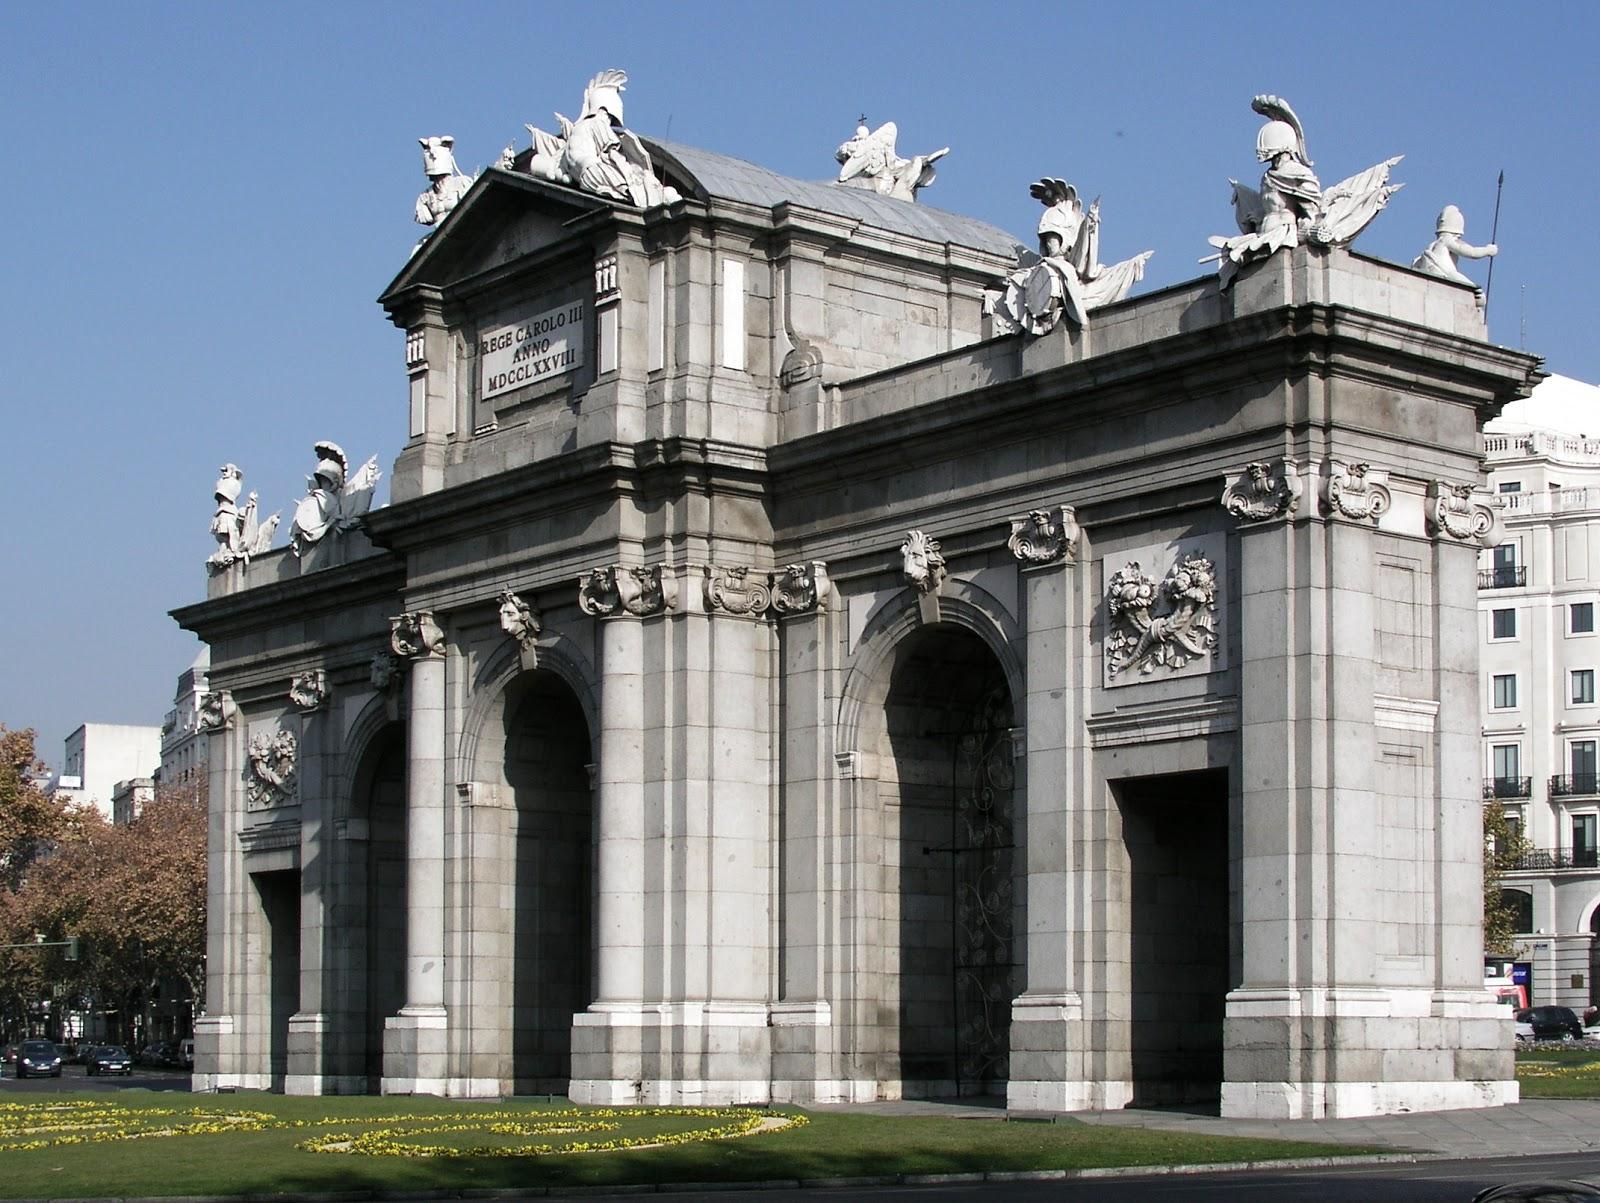 Viajero turismo qu hacer y visitar en madrid for Arquitectura que ver en madrid